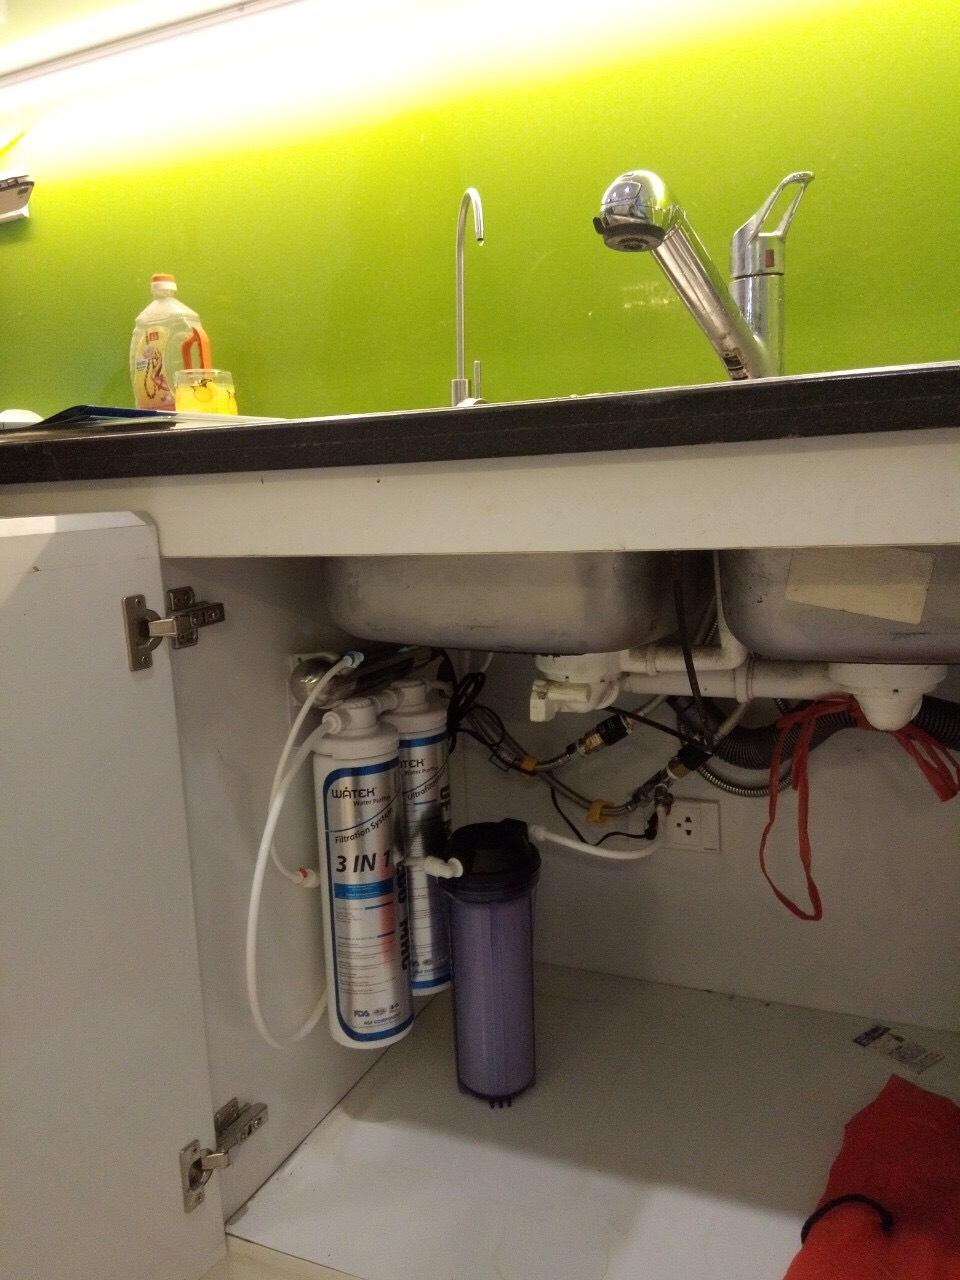 Thiết kế nhỏ gọn dưới chậu rửa, không chiếm diện tích